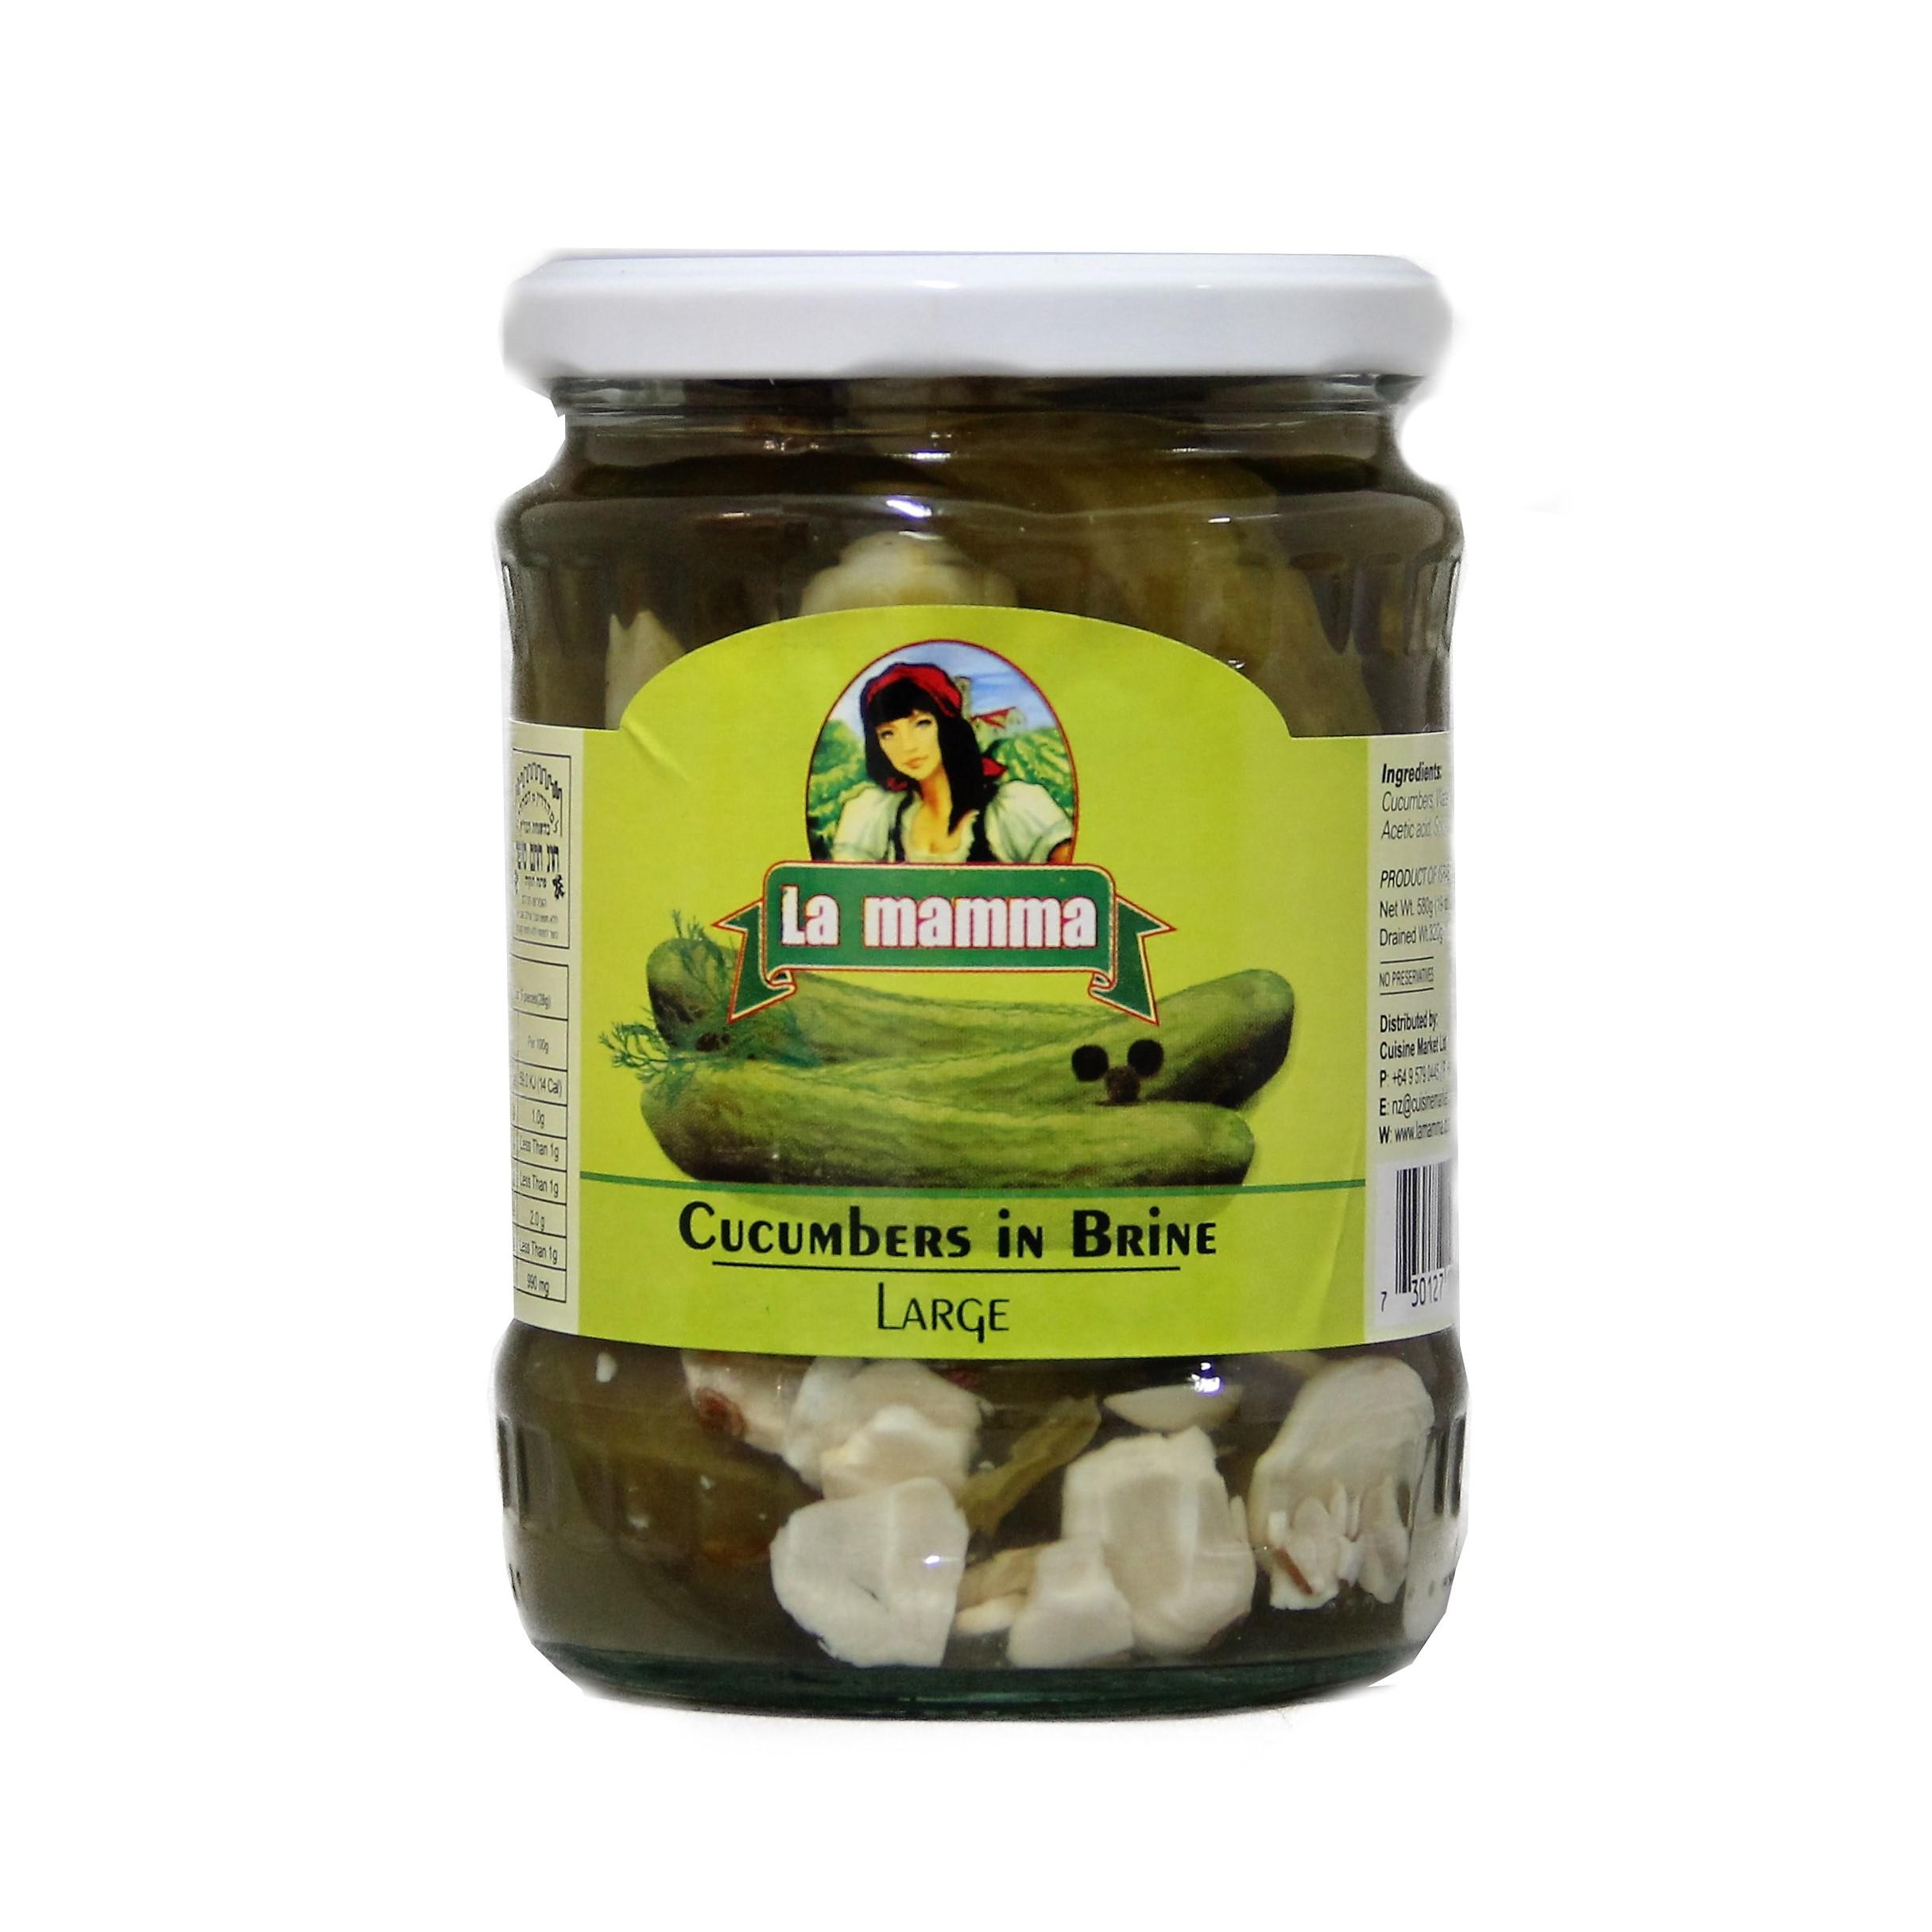 714 cucumber in brine 580g